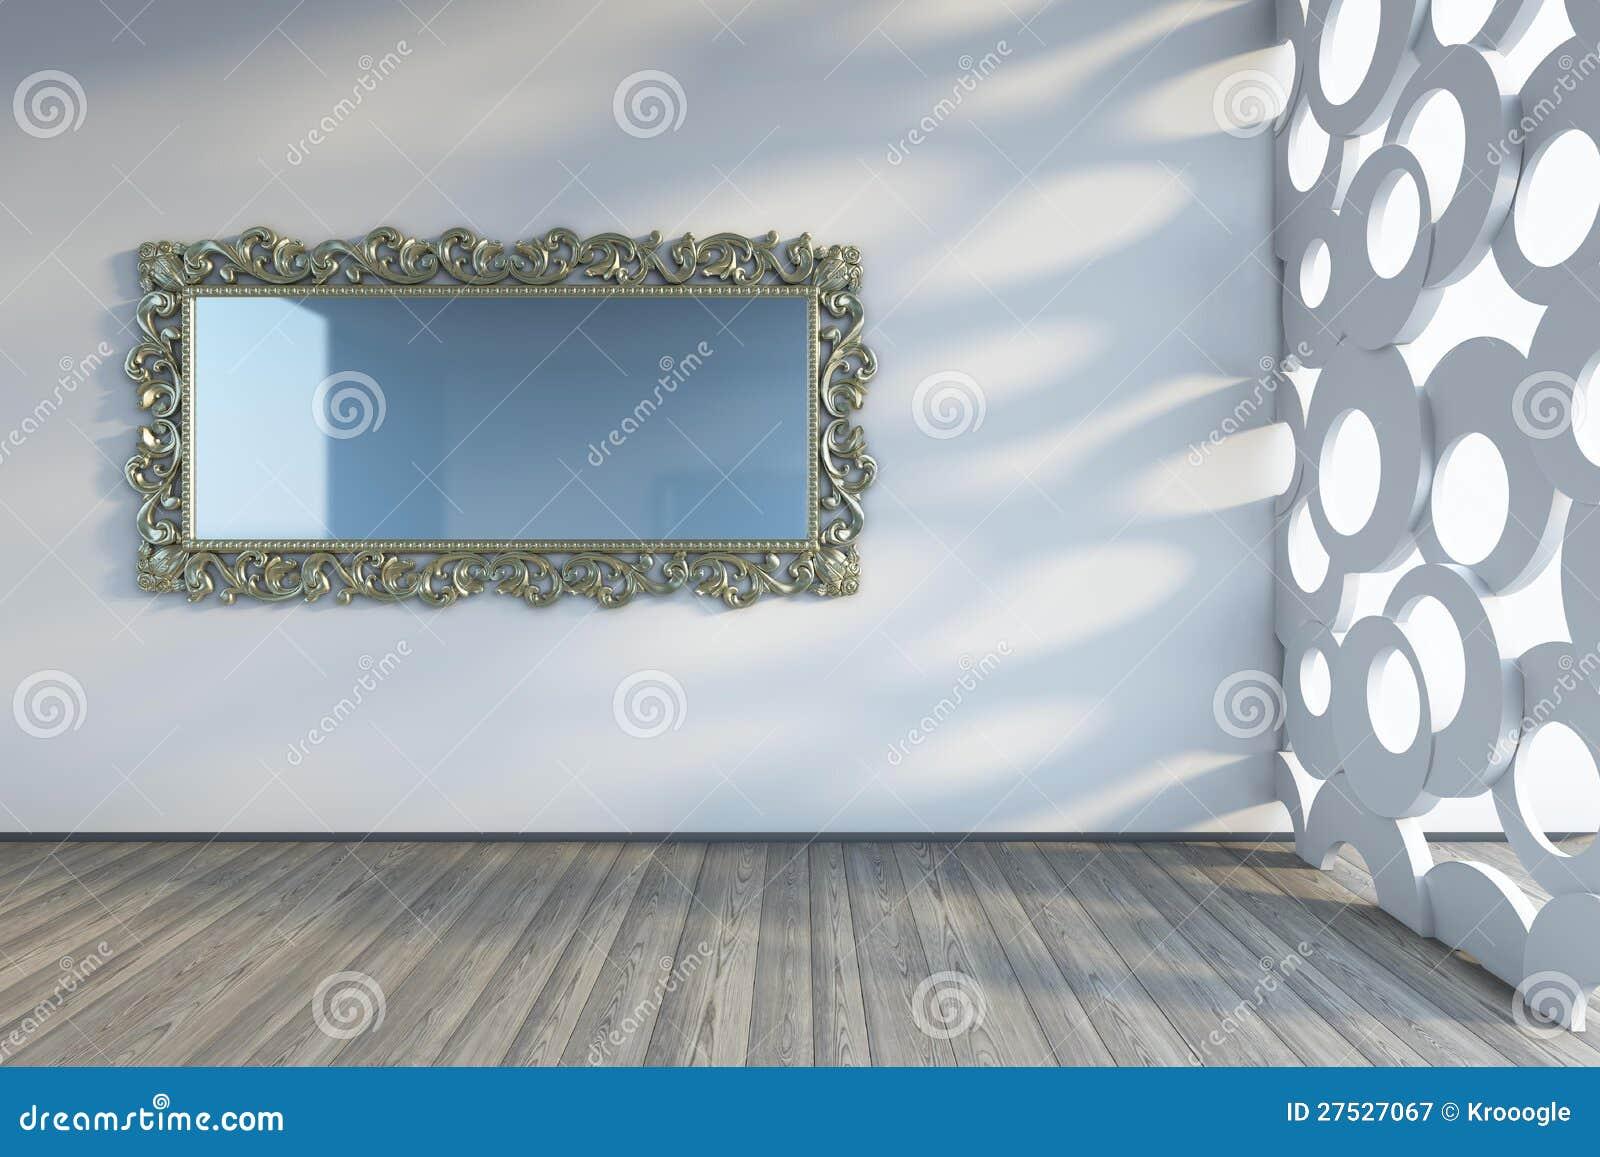 Miroir sur le mur illustration stock illustration du for Miroir a coller sur mur